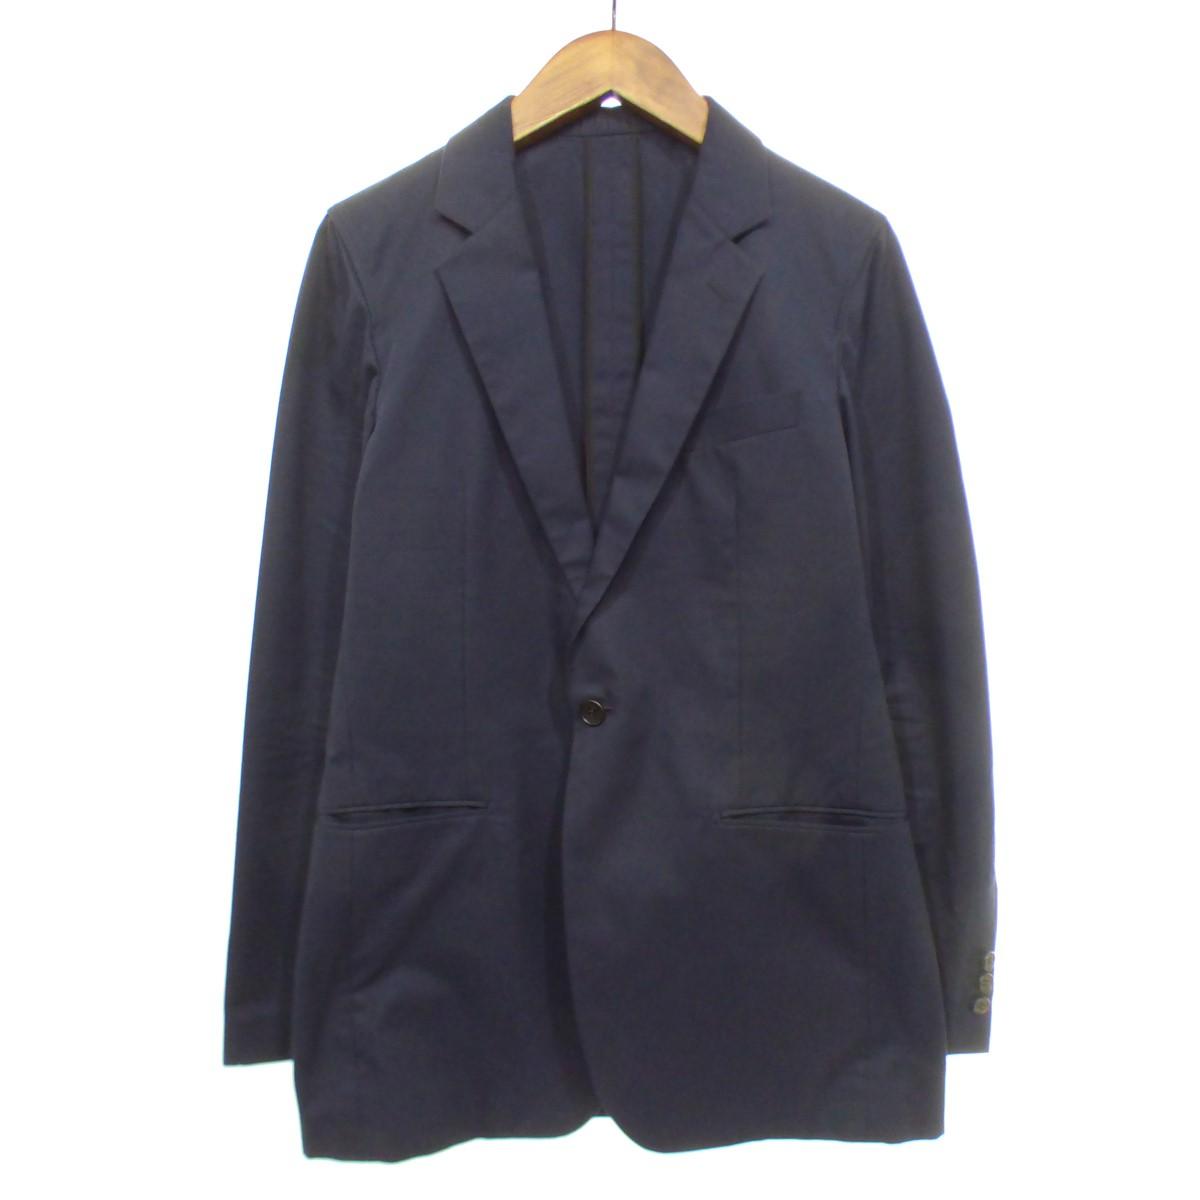 【中古】JOHN LAWRENCE SULLIVAN 1Bコットンテーラードジャケット ネイビー サイズ:38 【280719】(ジョンローレンスサリバン)